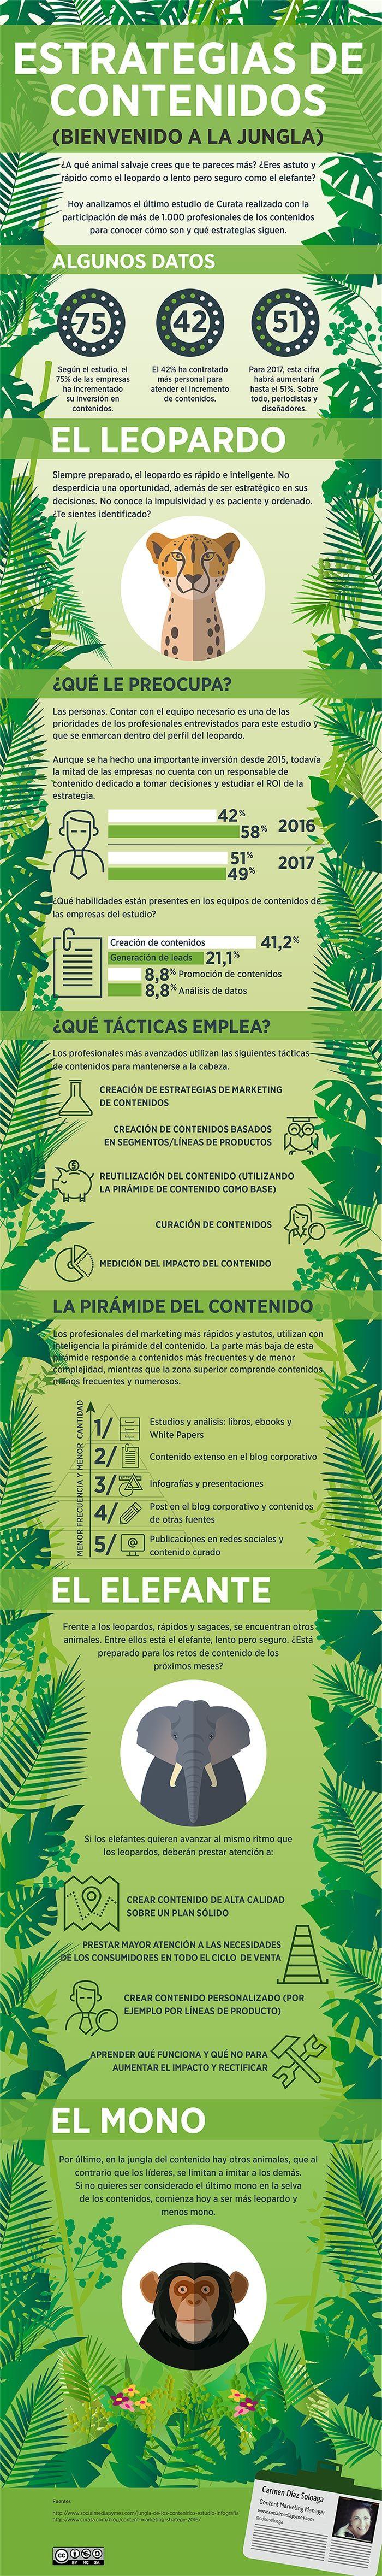 ¿Qué animal eres en la jungla de contenidos? Descúbrelo con el último estudio de contenidos de Curata.